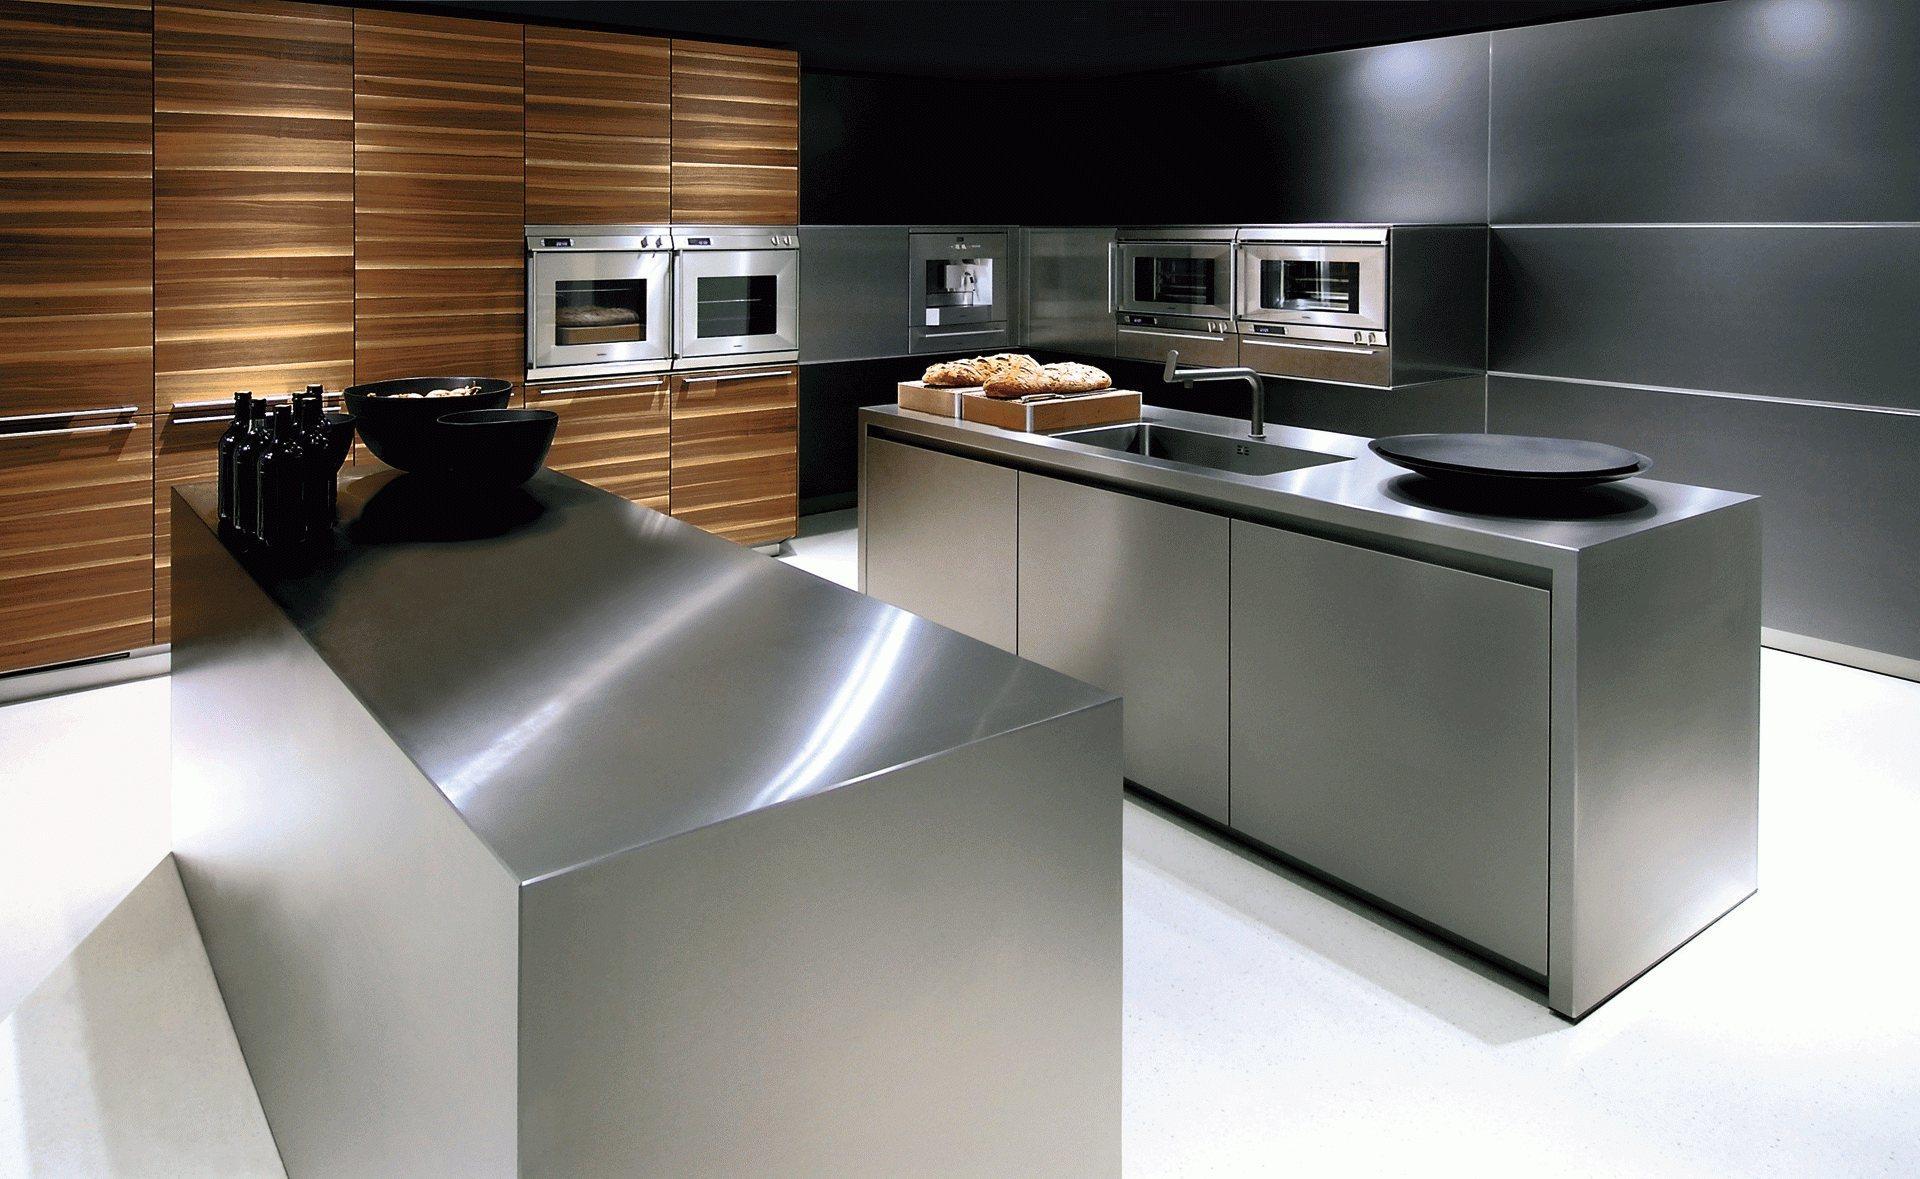 Votre cuisine contemporaine par lluck for Bulthaup cuisine